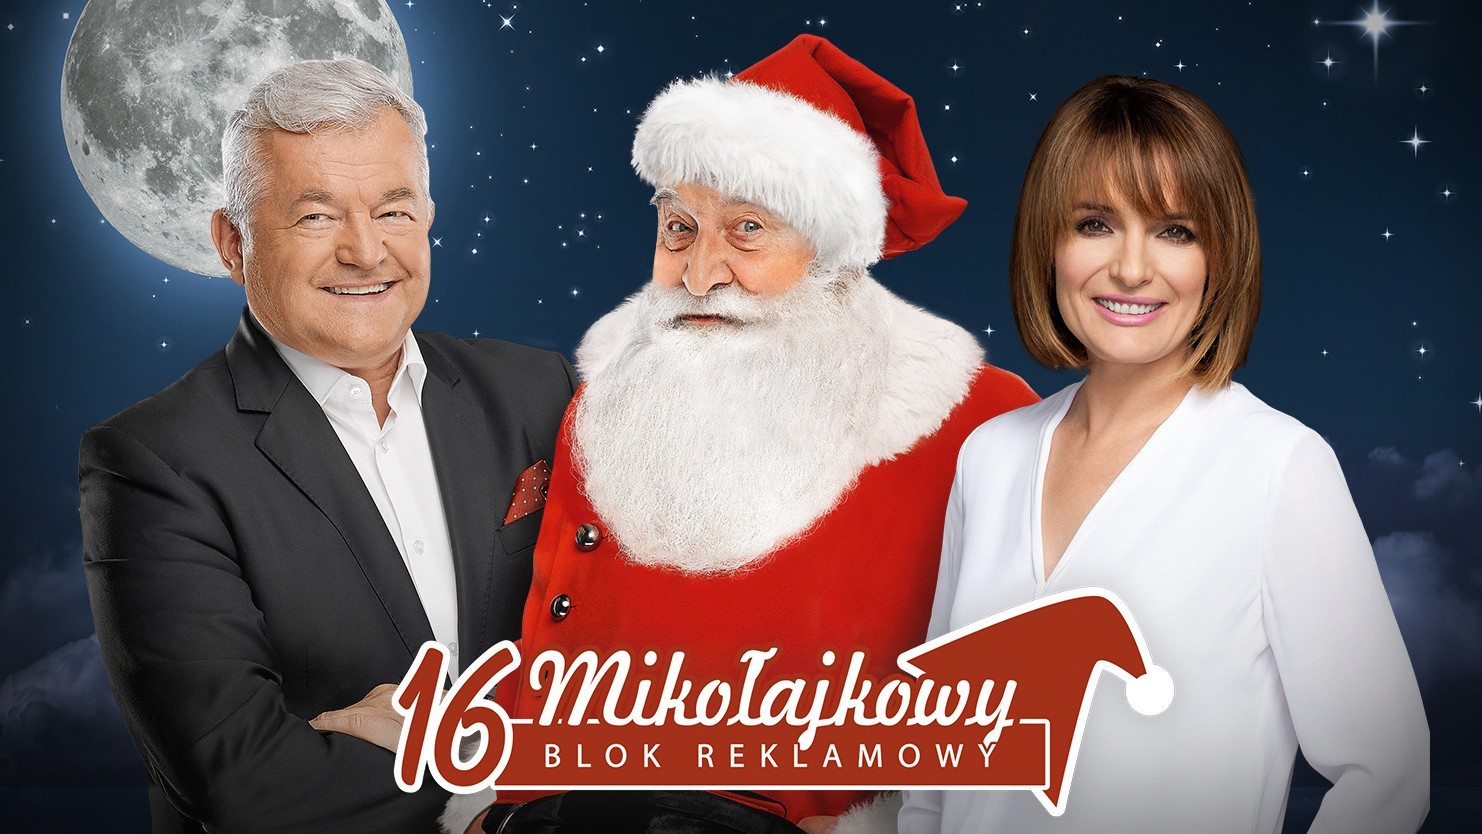 Mikołajkowy Blok Reklamowy 2019. Bardzo dziękujemy!